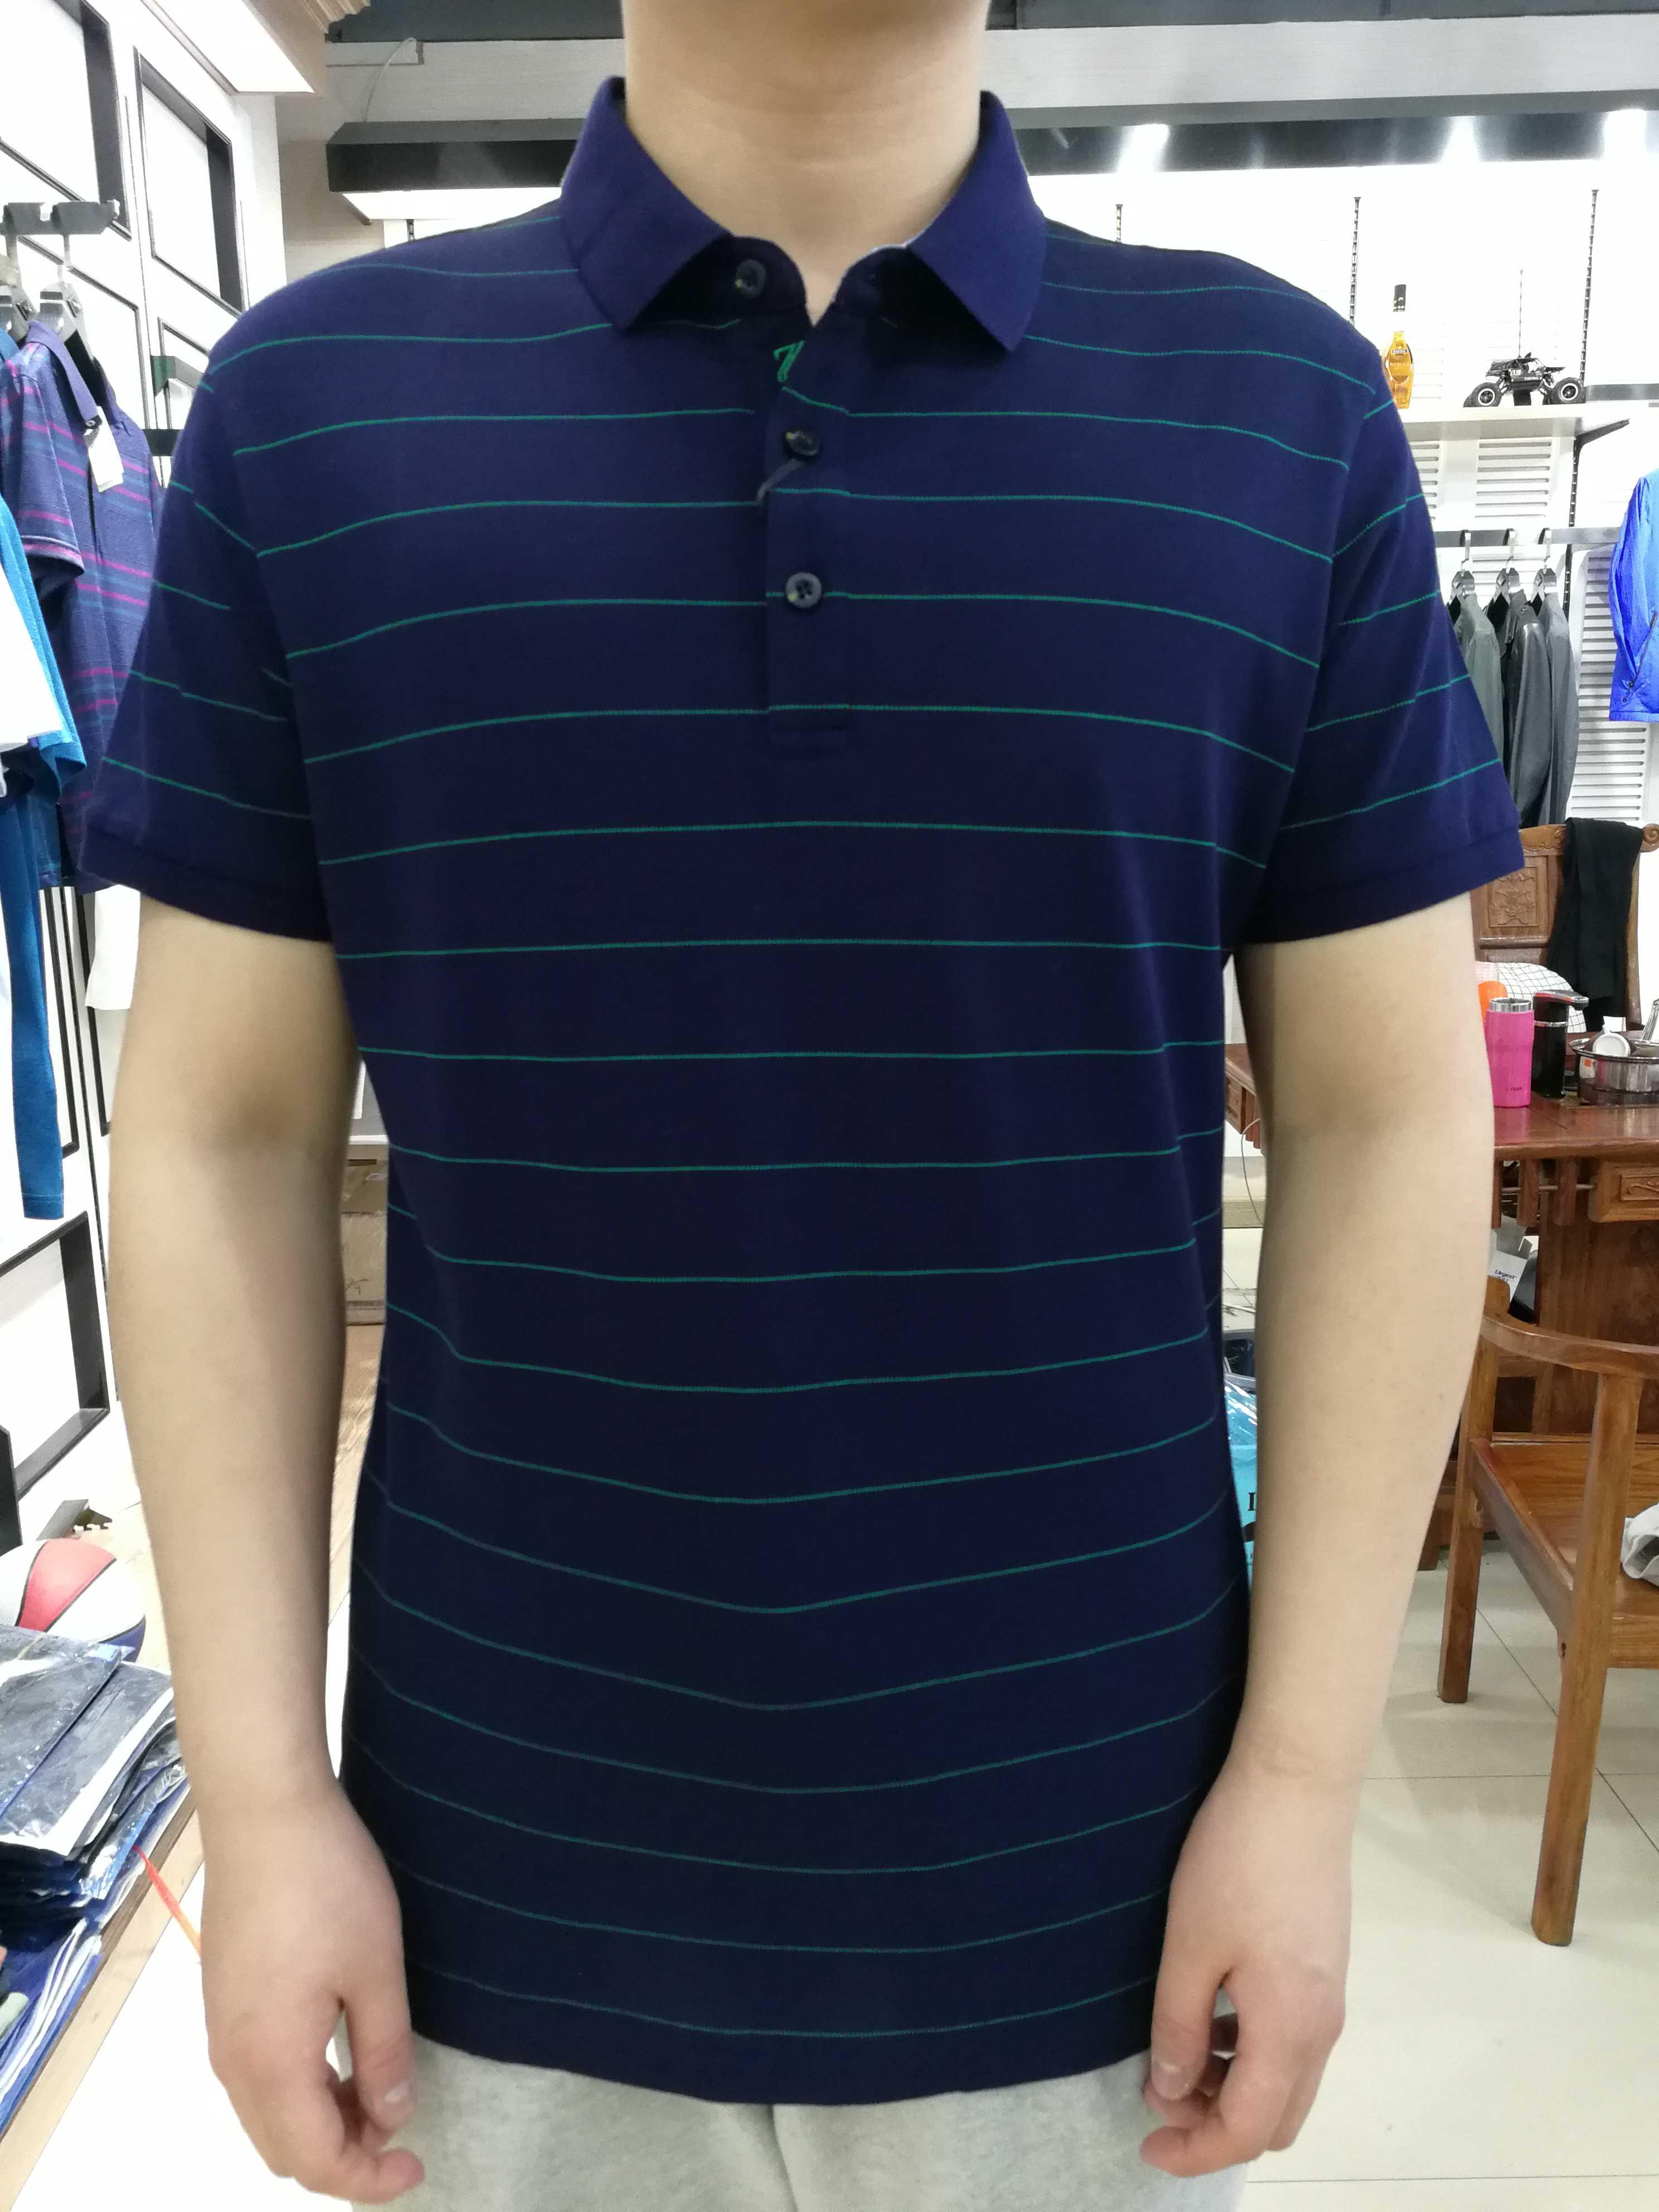 豪威堡商务时尚男装2019夏天短袖新款薄翻领横条纹体恤衫男士T恤